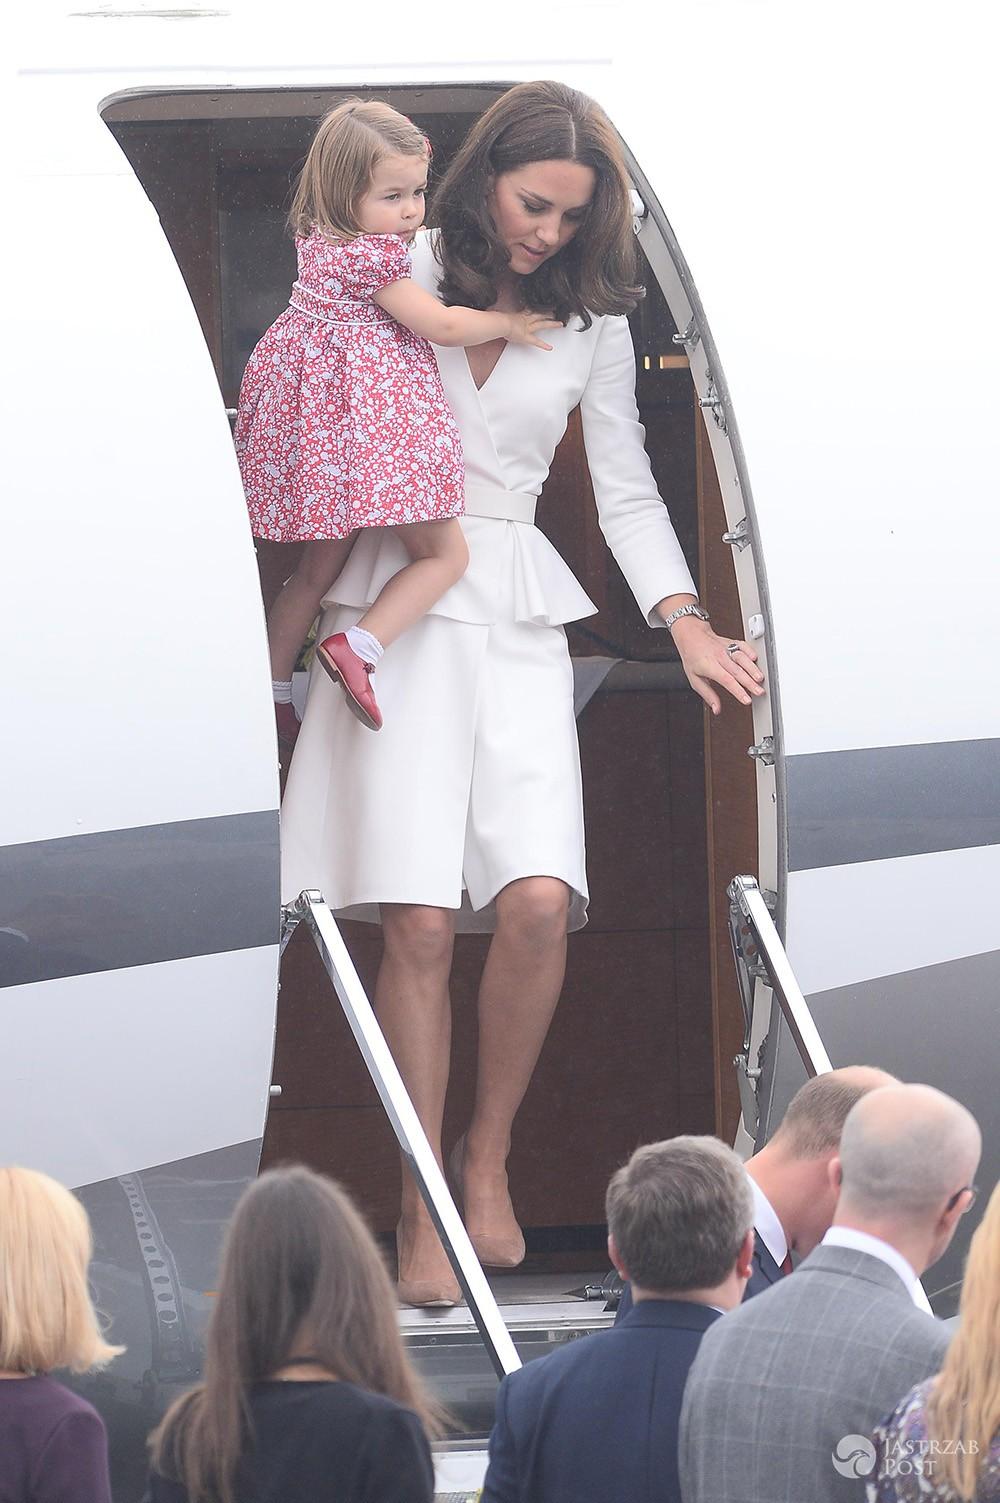 Z OSTATNIEJ CHWILI: Para książęca wylądowała w Warszawie! Książę George skradł szoł na lotnisku! [WIDEO + ZDJĘCIA] - Księżna Kate wychodzi z samolotu w Warszawie